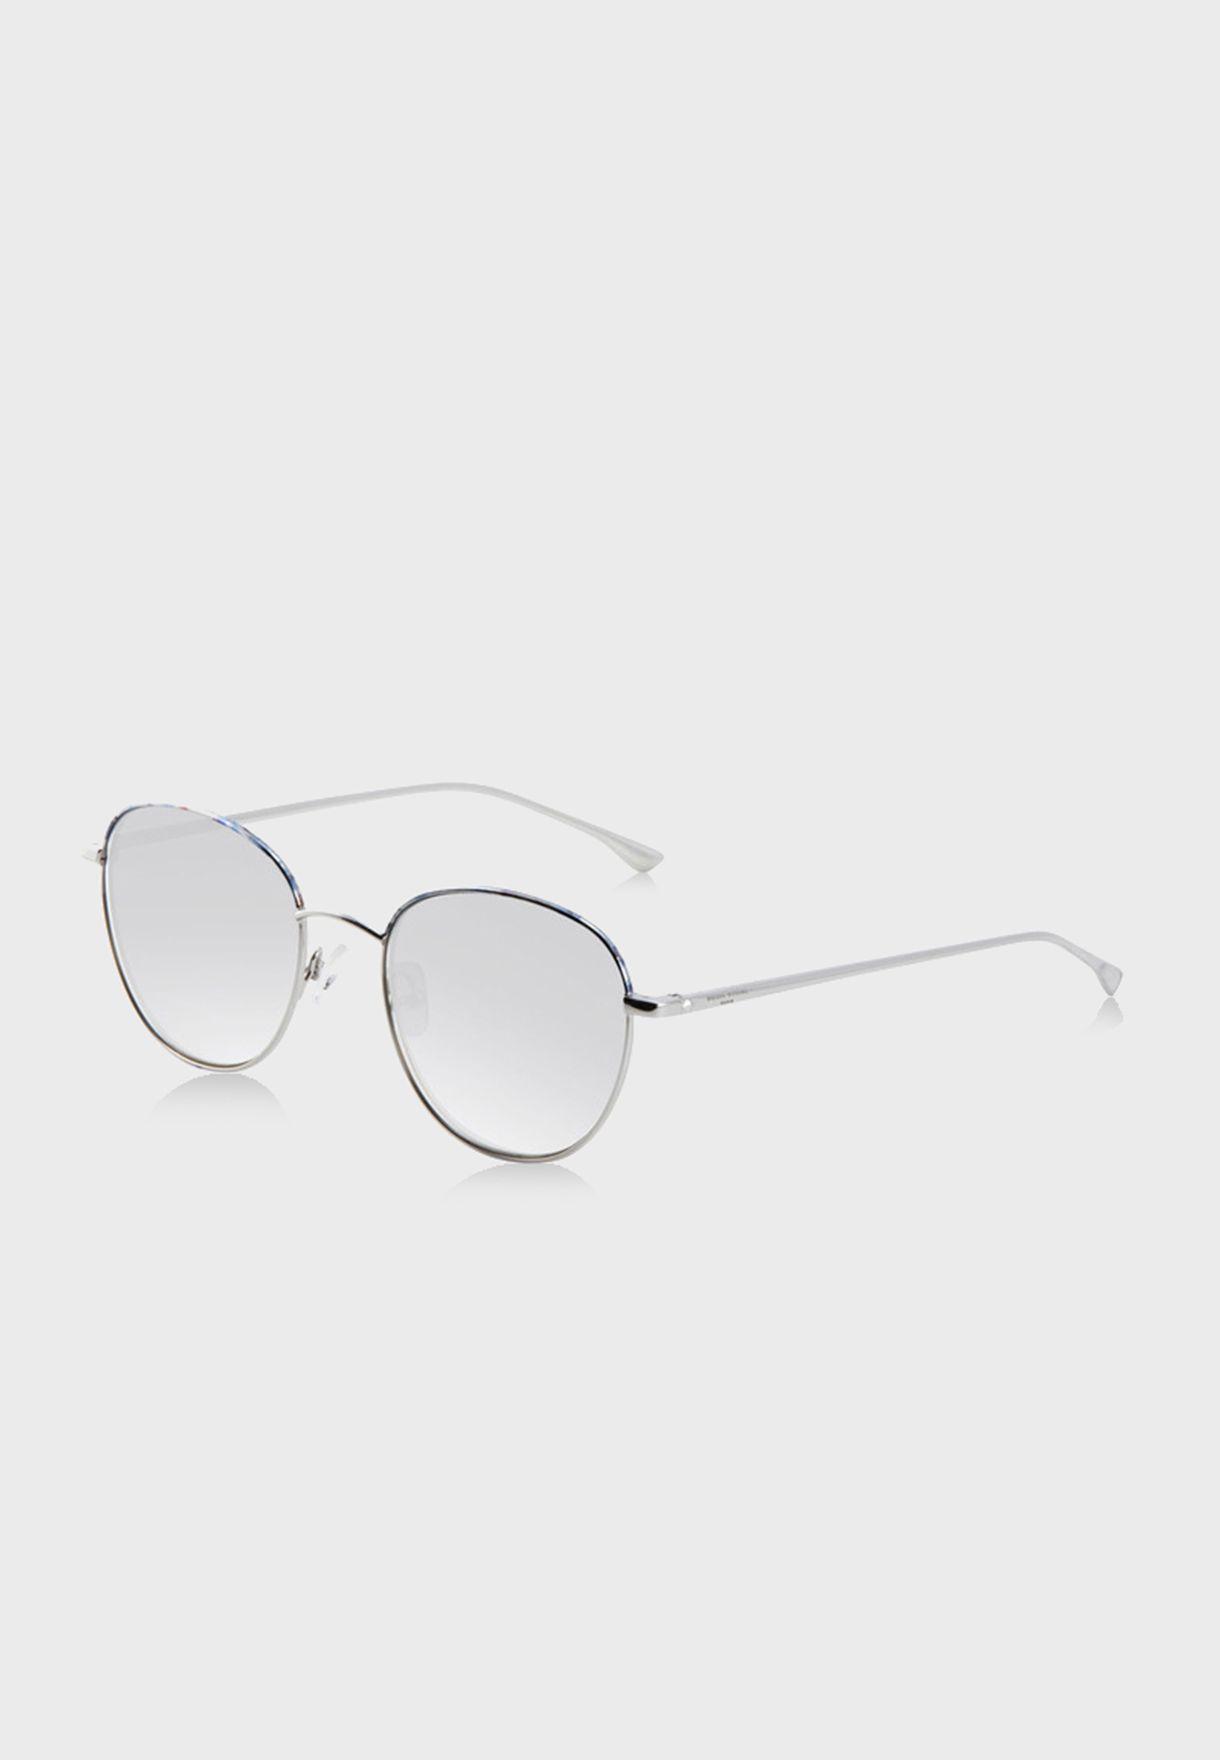 L SR777802 Aviator Sunglasses